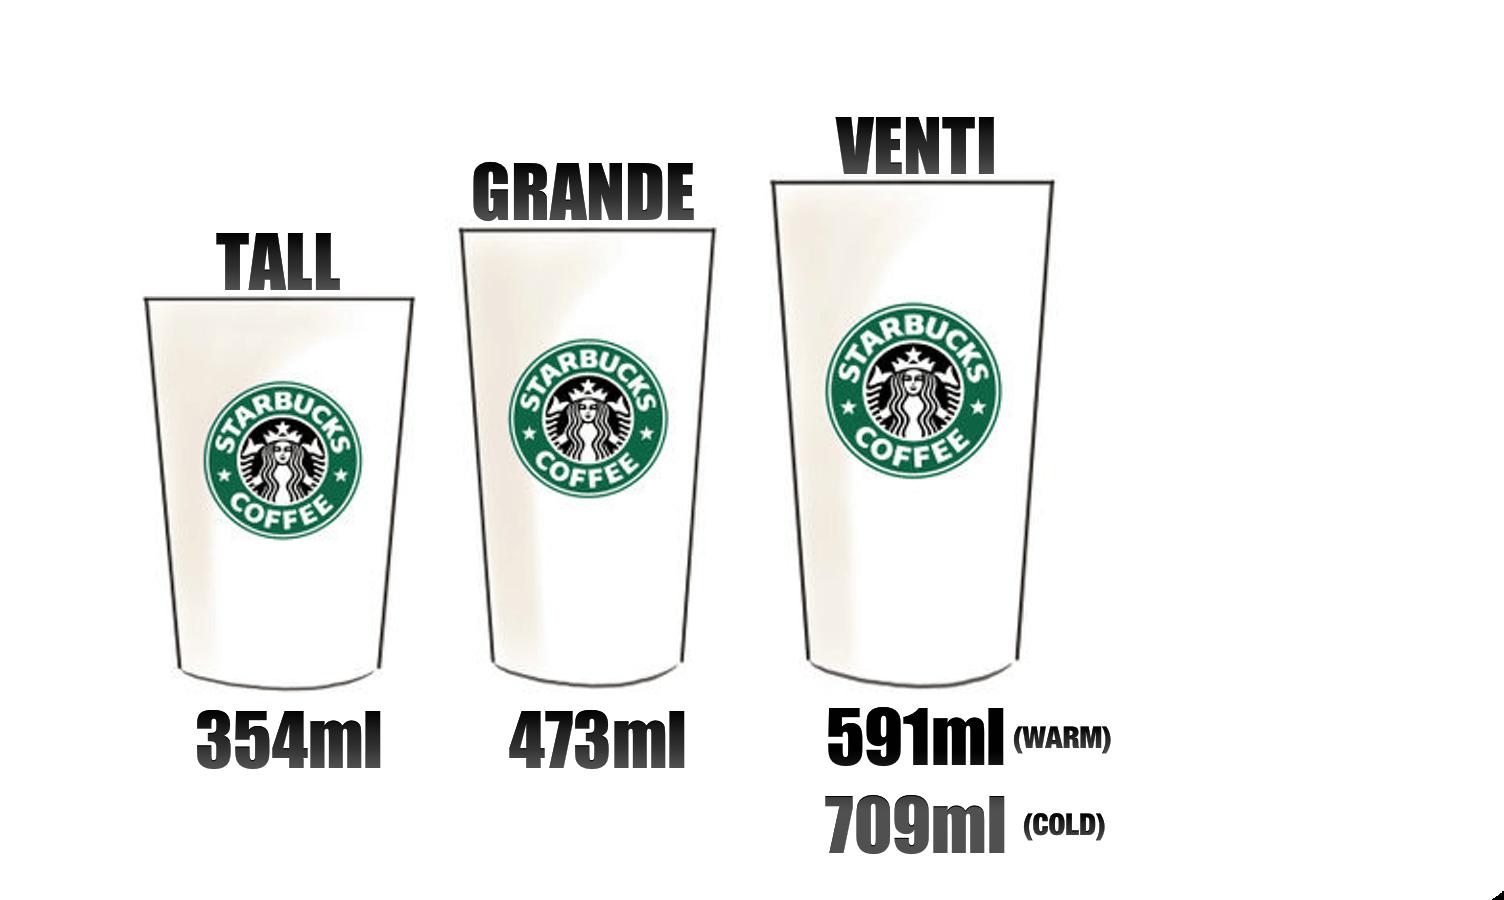 Tall_grande_venti2